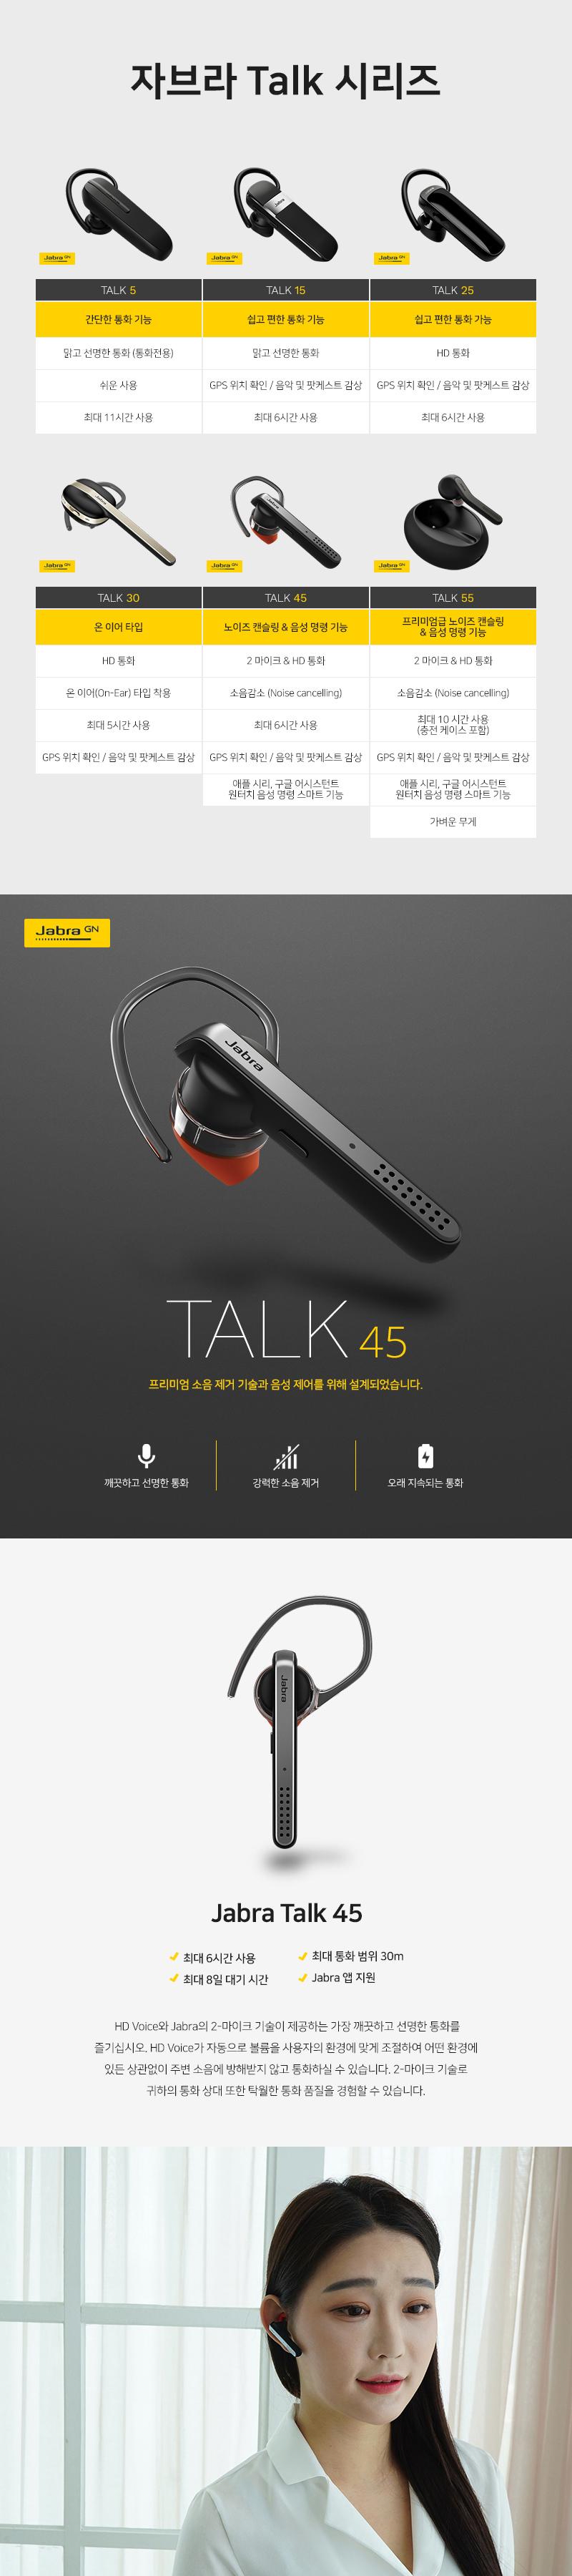 Talk-45_01.jpg